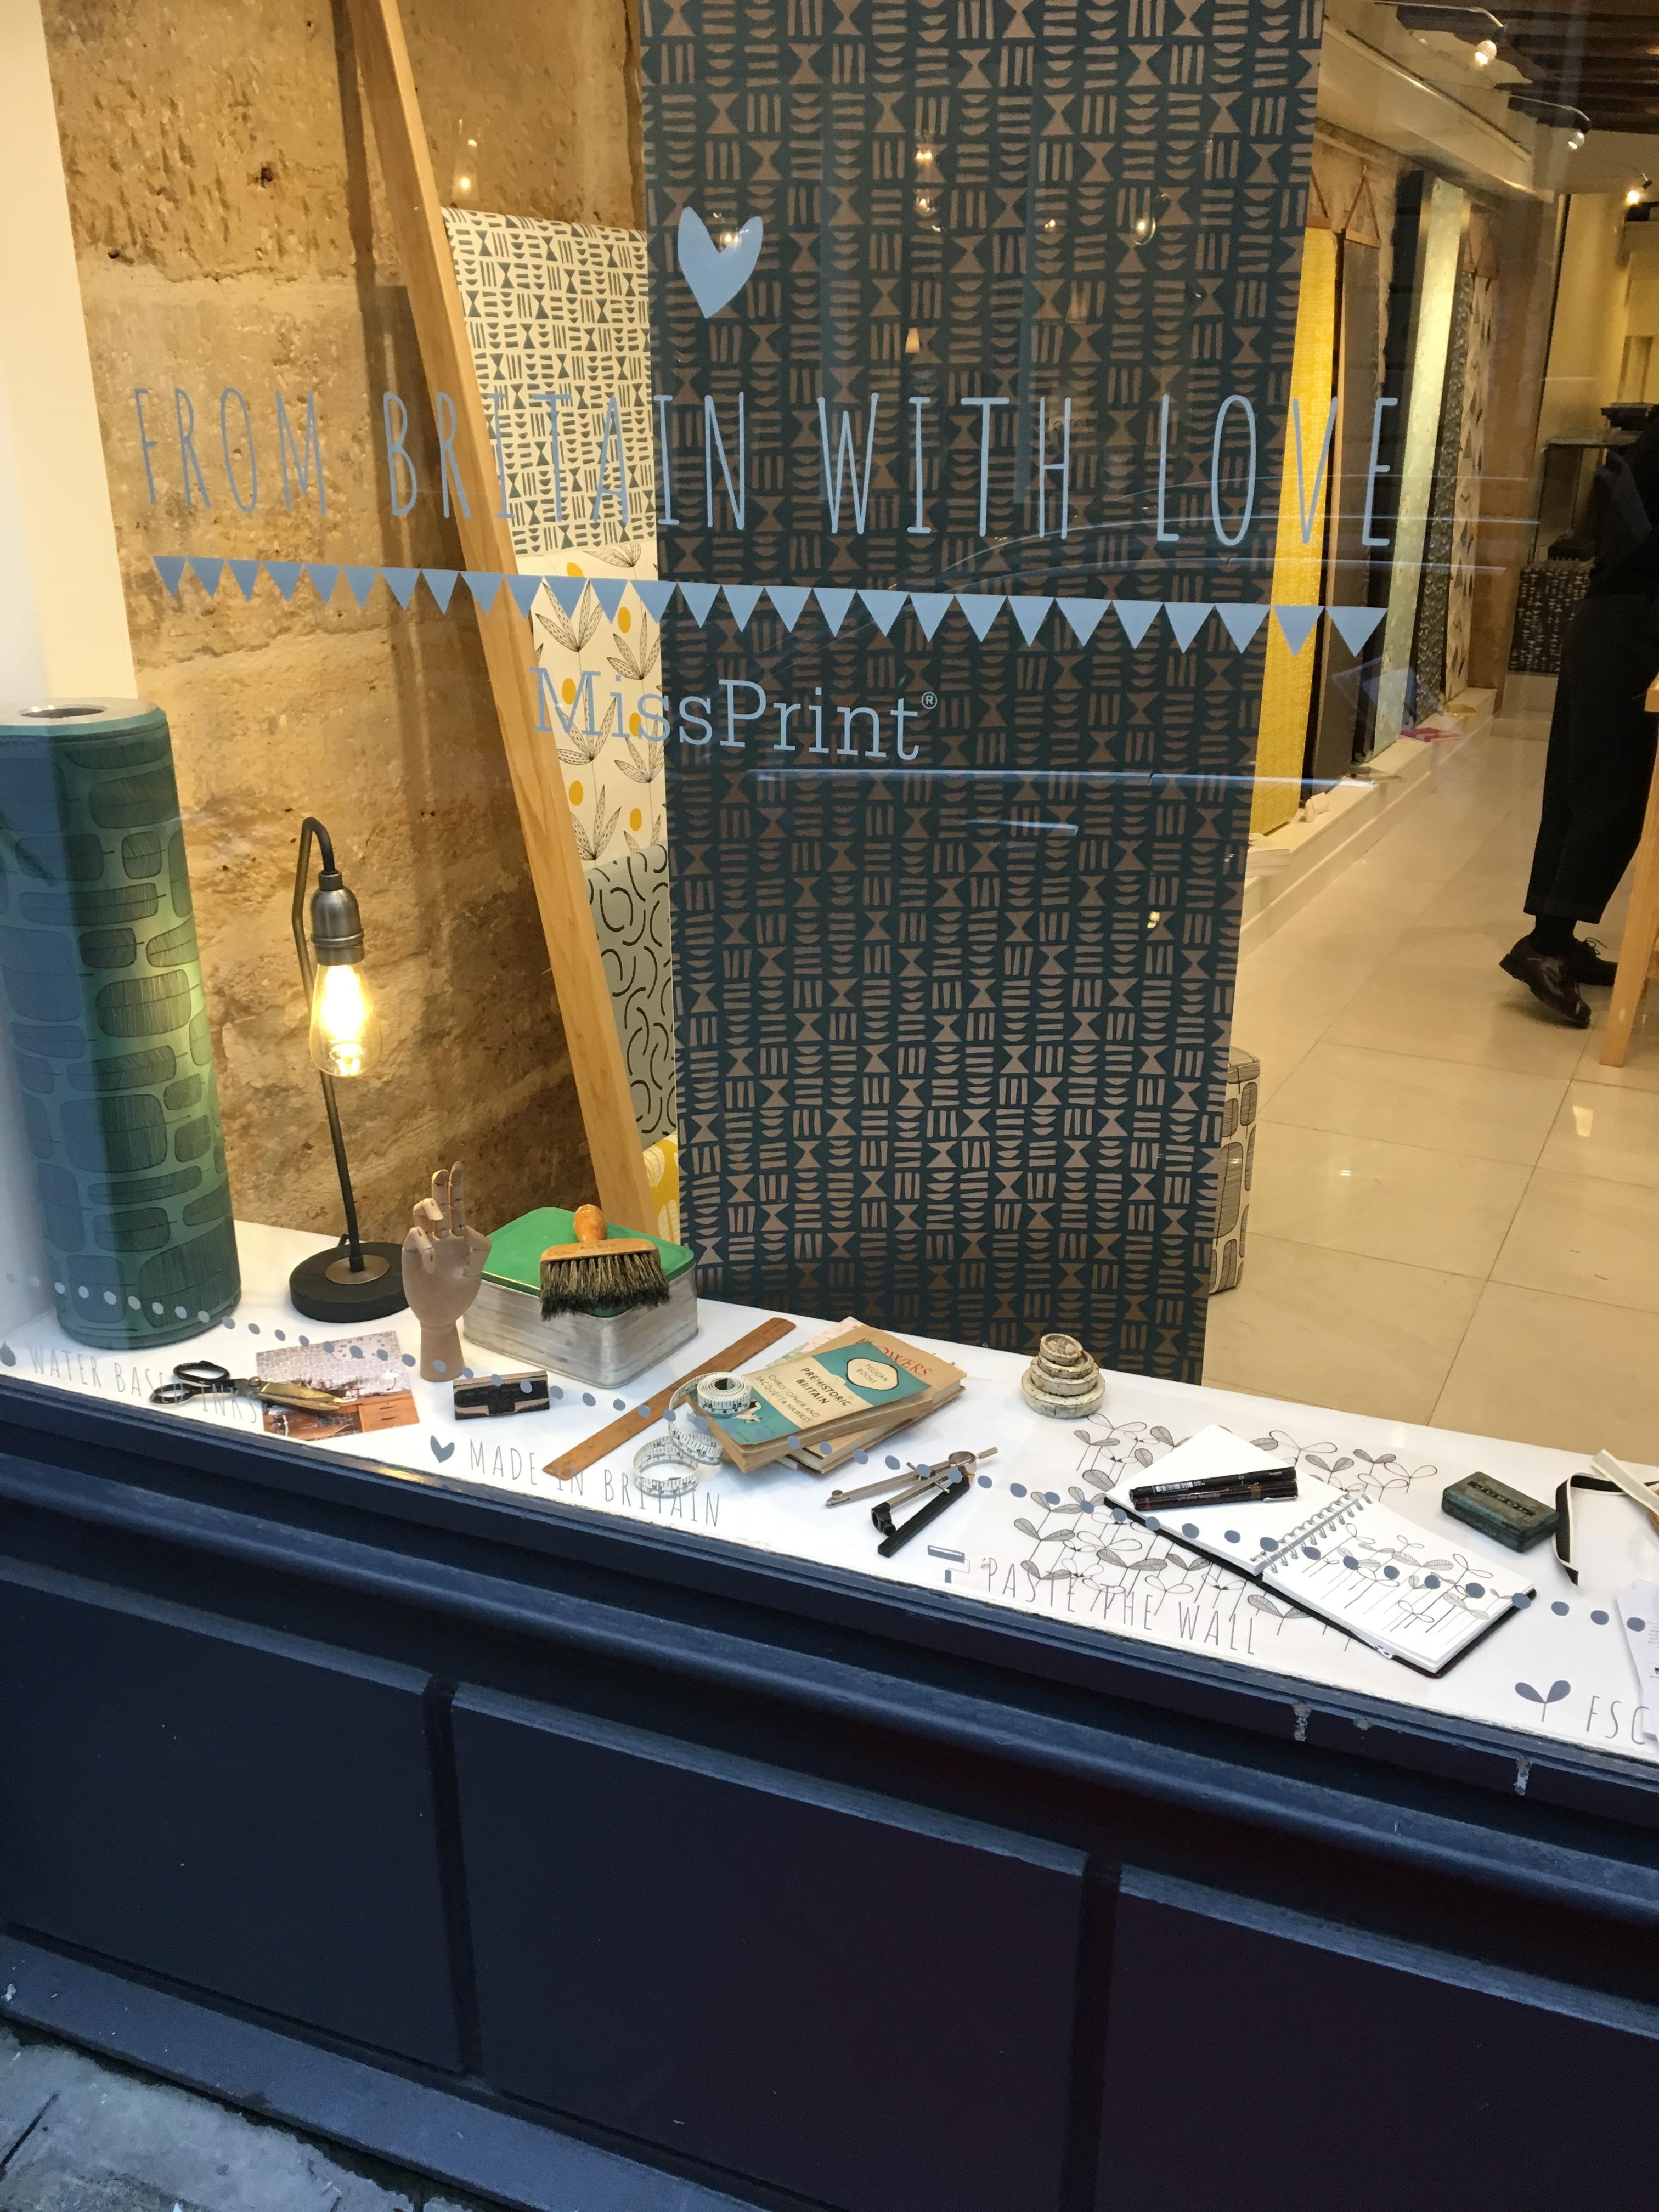 MissPrint window, Paris Deco Off 2018